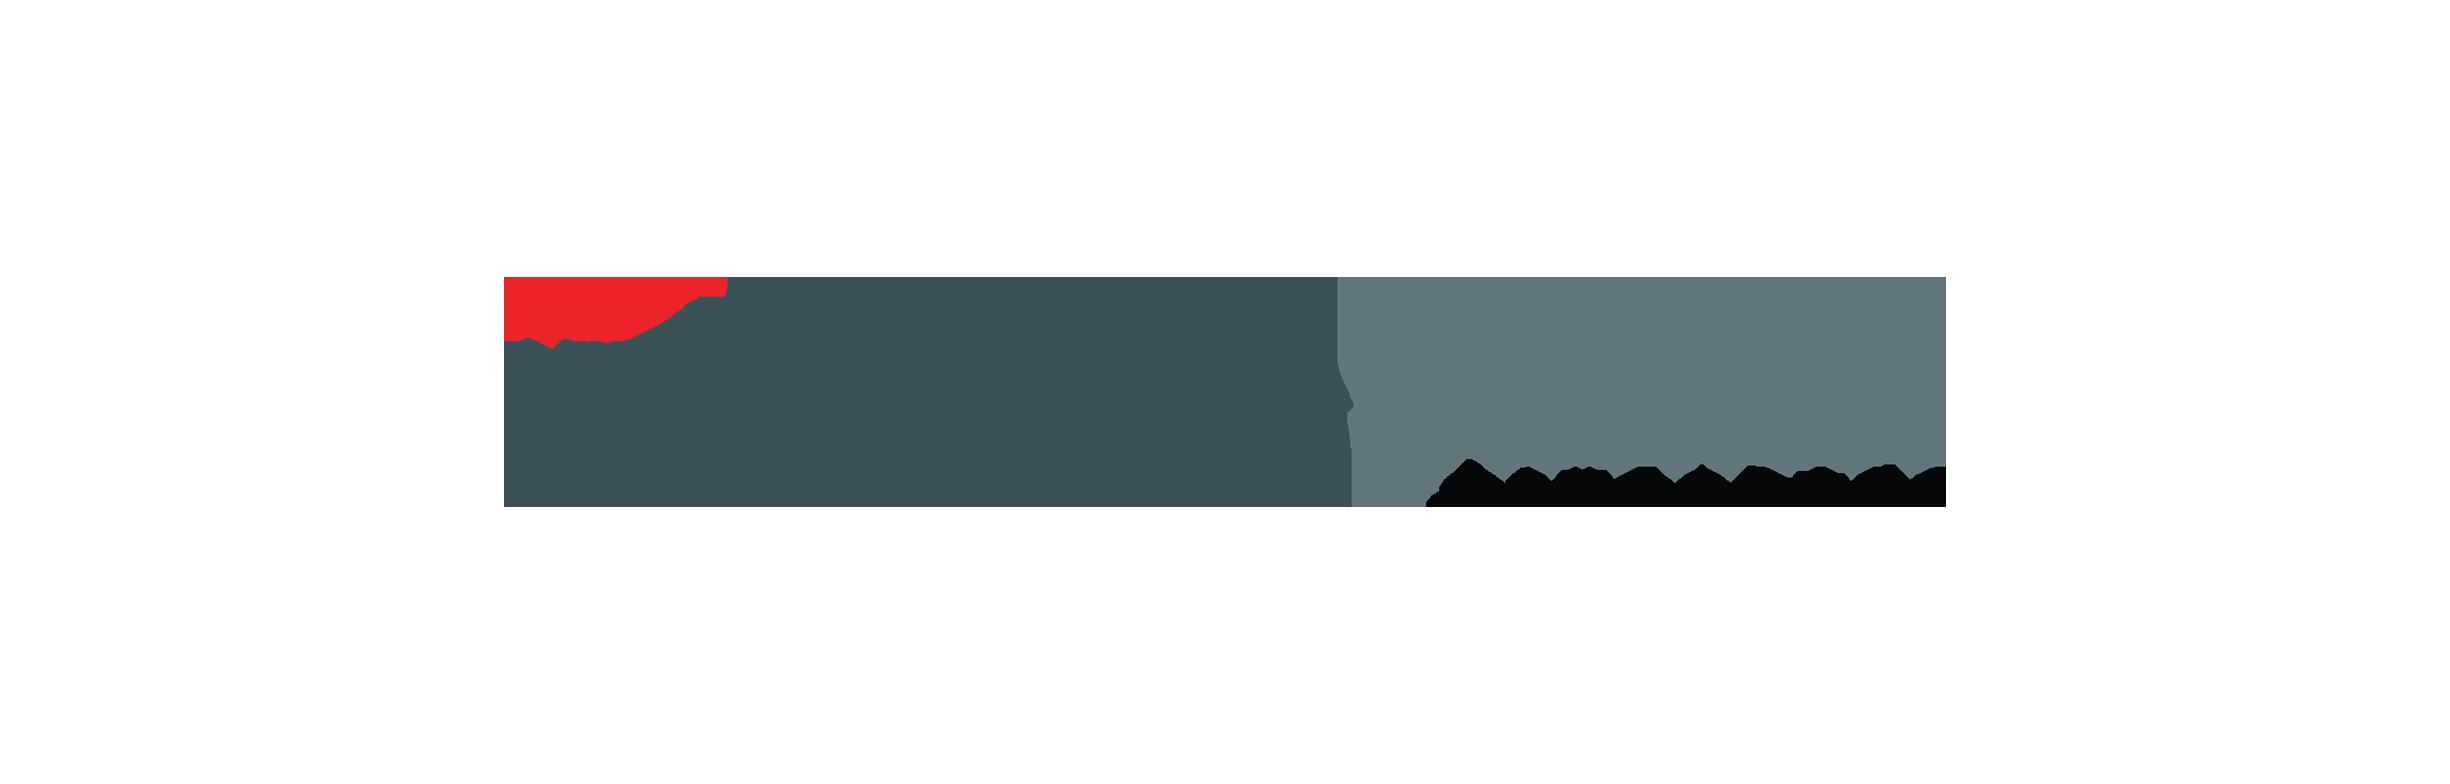 HR Leaders Summit Singapore